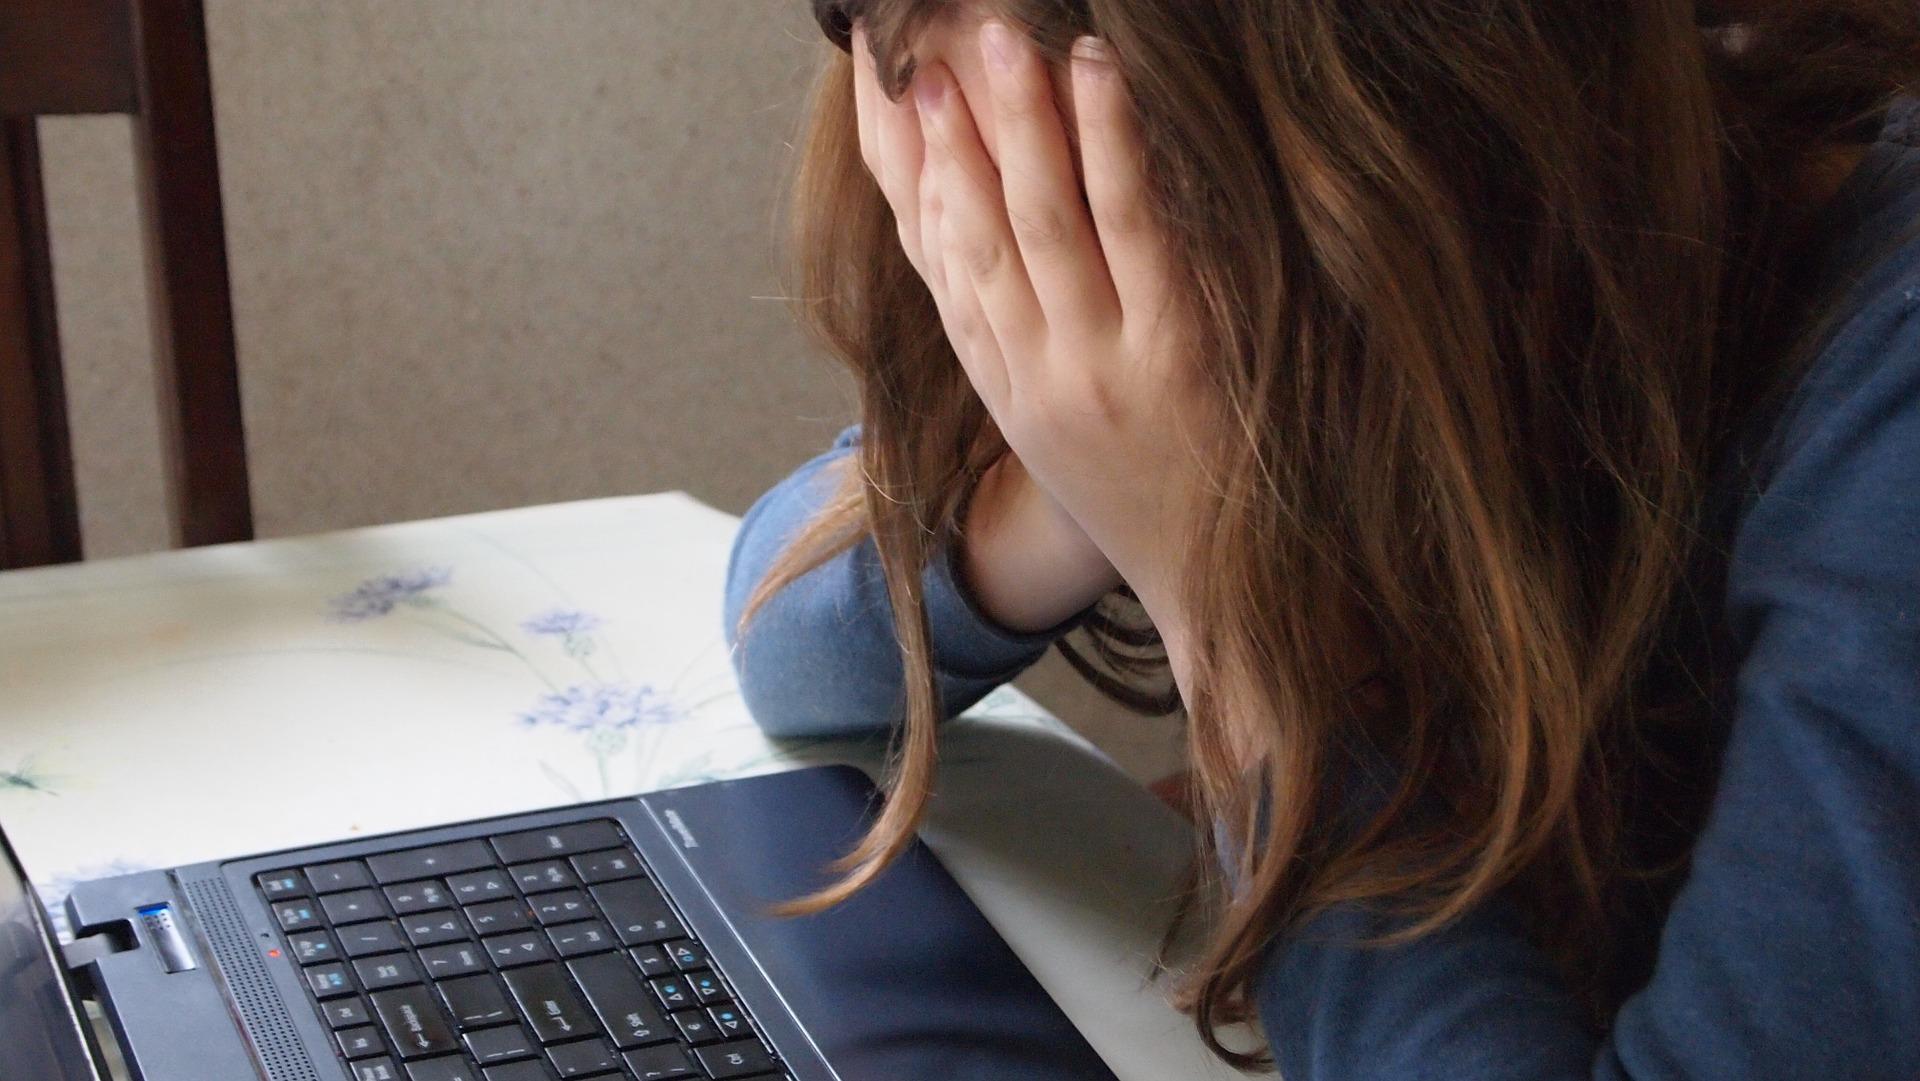 30 Gli Ammonimenti, Solo 100 Reclami Per Cyberbullismo Al Garante Per La Privacy